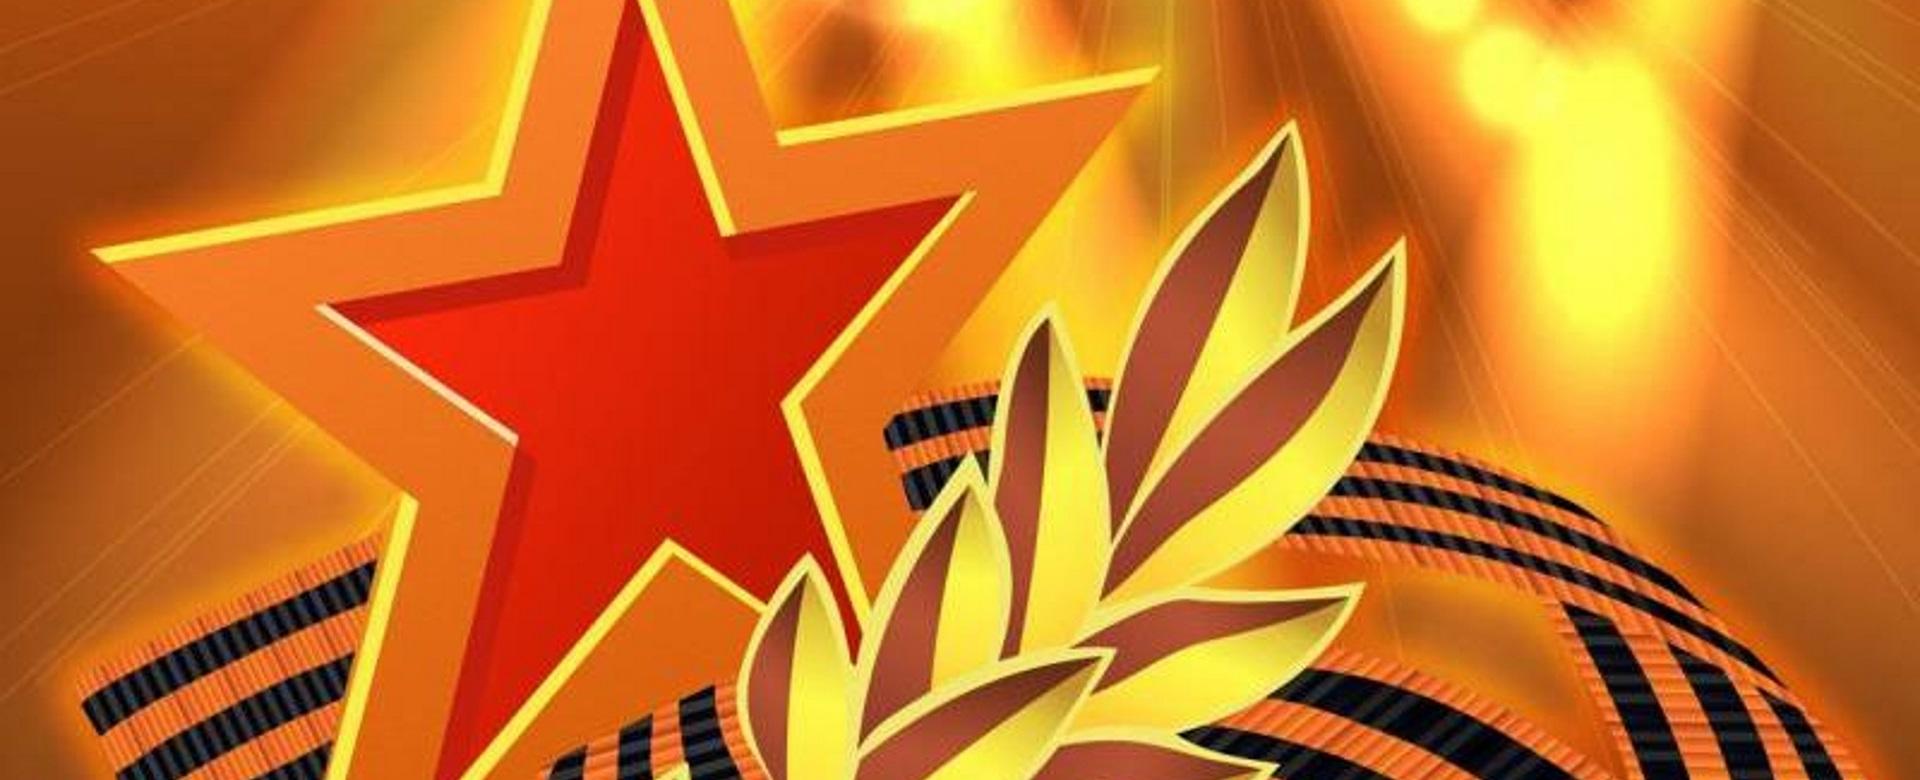 Выставка графических работ художника Дениса Булавинцева